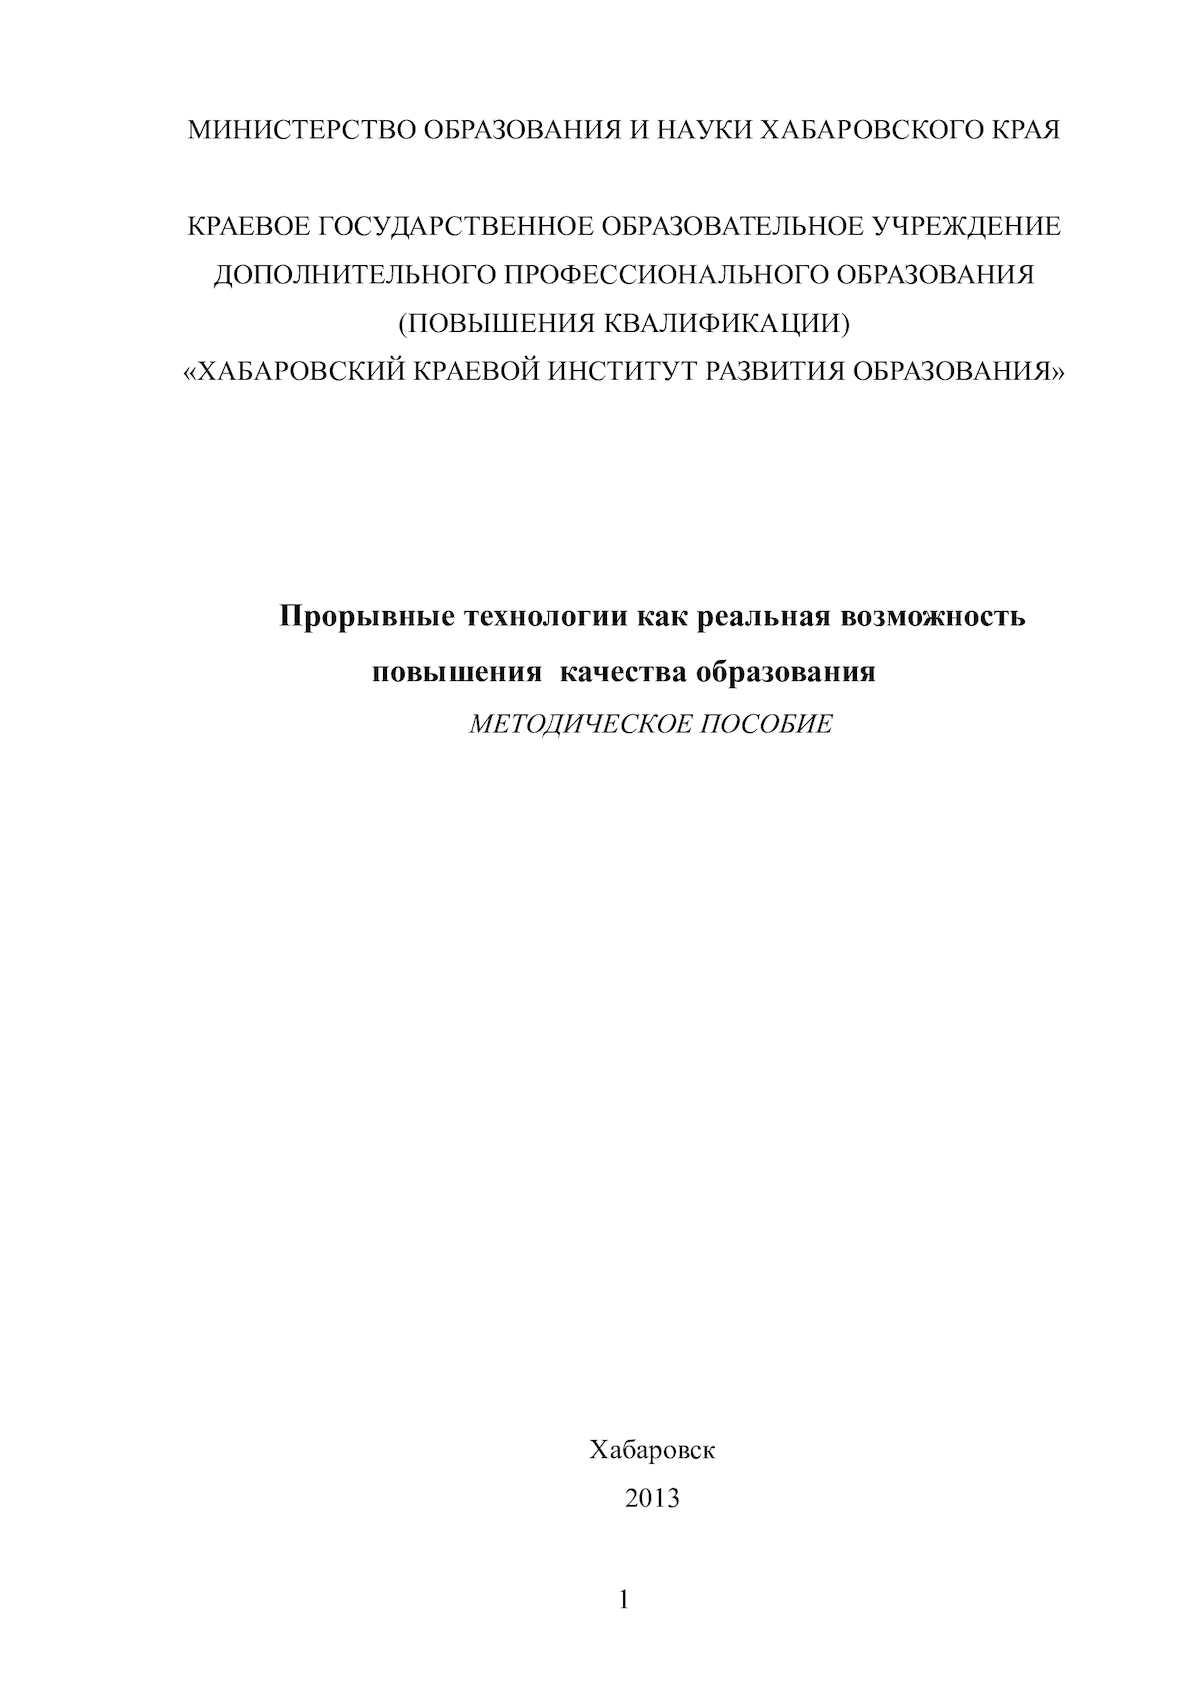 важнейшие передовые технологии которыми обладает россия